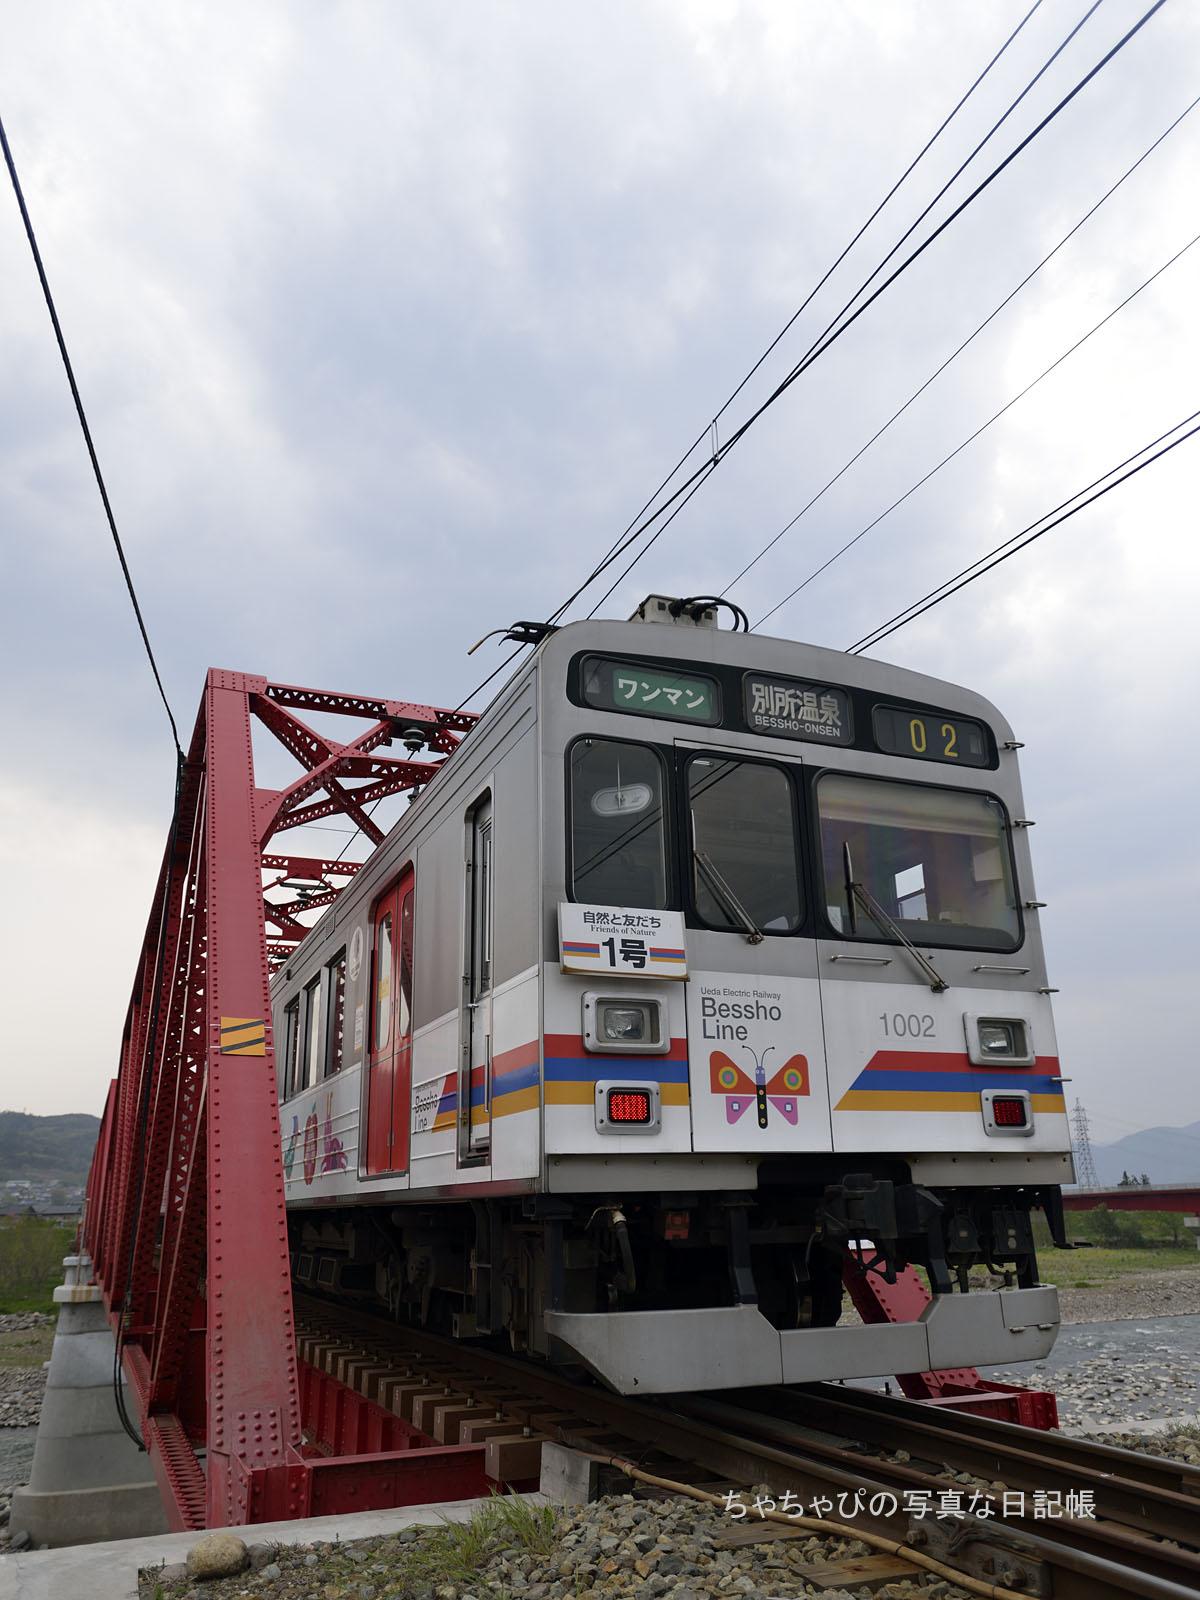 上田電鉄1000系